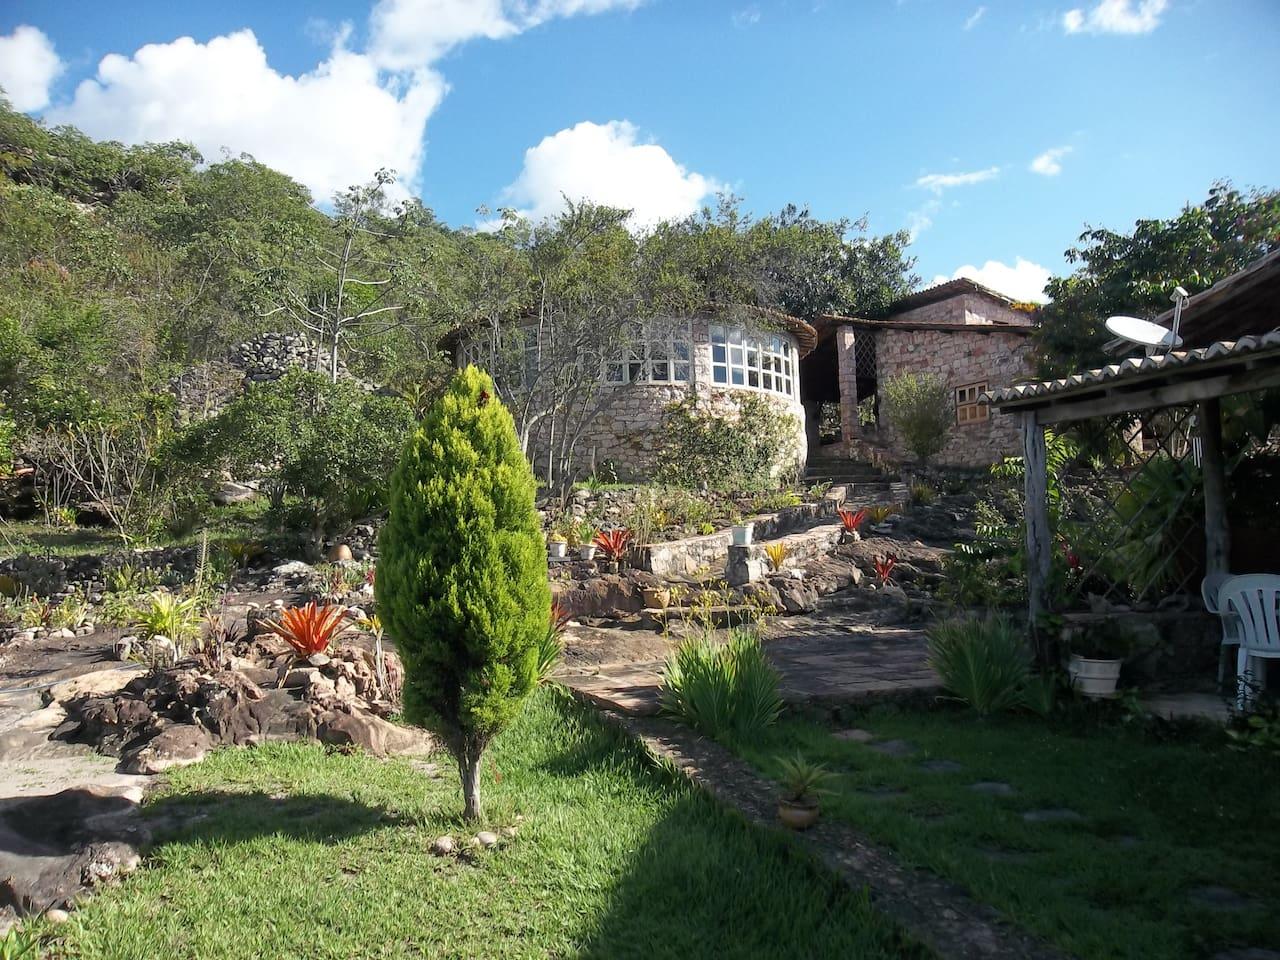 Visão ampla do jardim e do anexo (salão yoga).